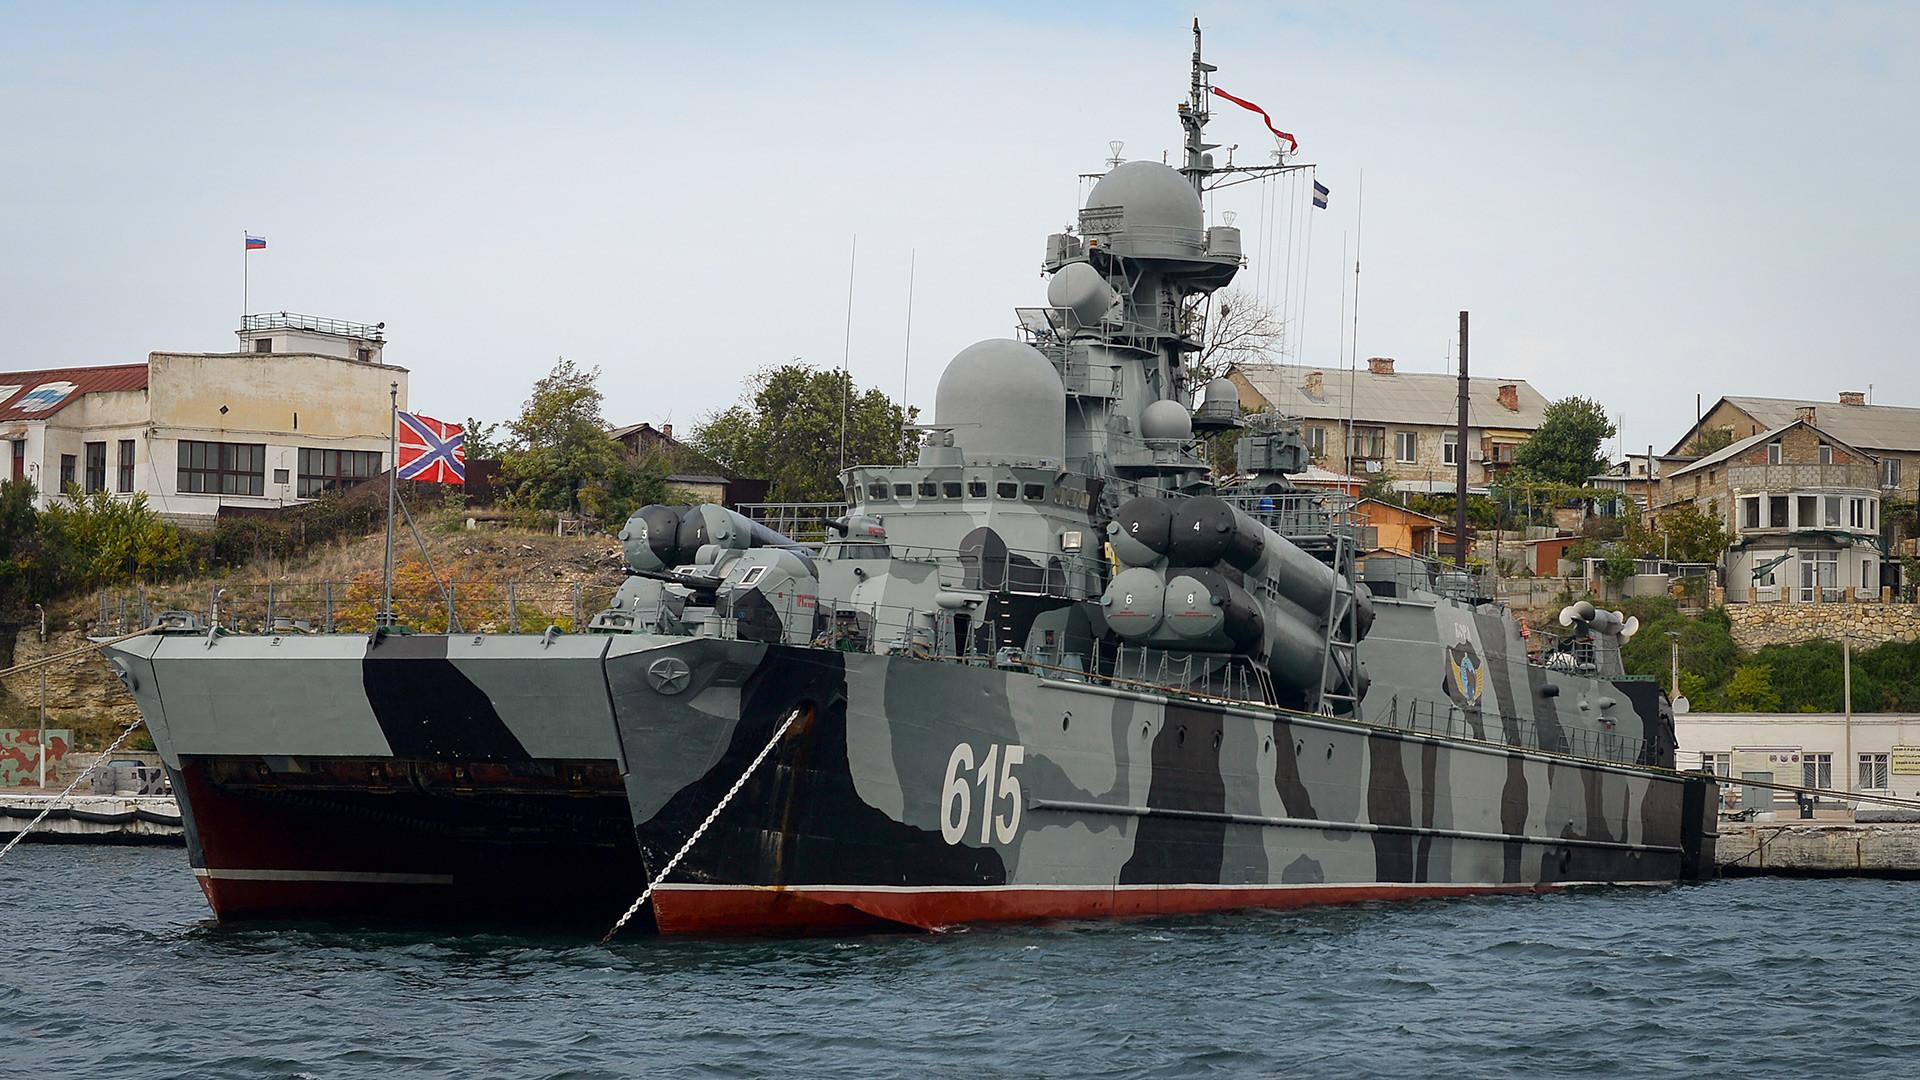 セヴァストポリ港でのボラ級エアクッション・ミサイルコルベット。